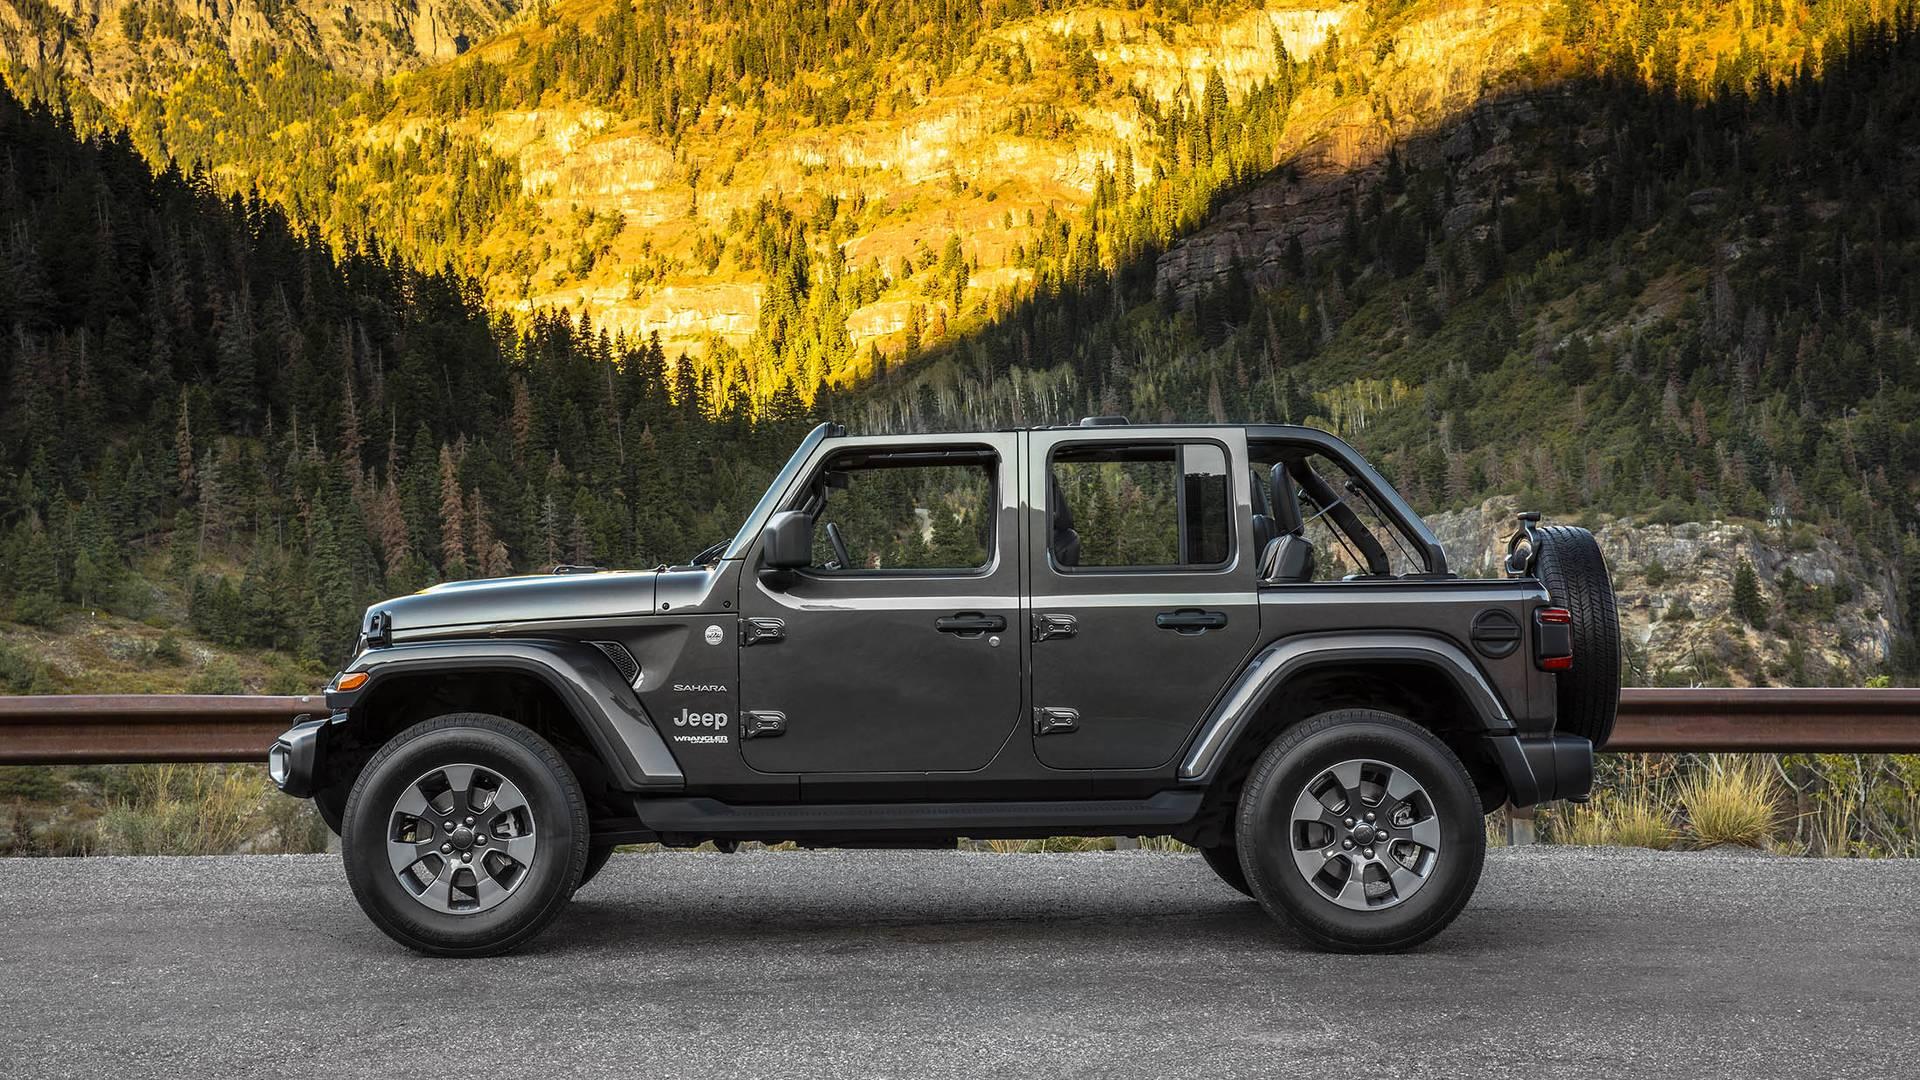 2018 jeep wrangler price list jl starts at 26 995 jlu. Black Bedroom Furniture Sets. Home Design Ideas